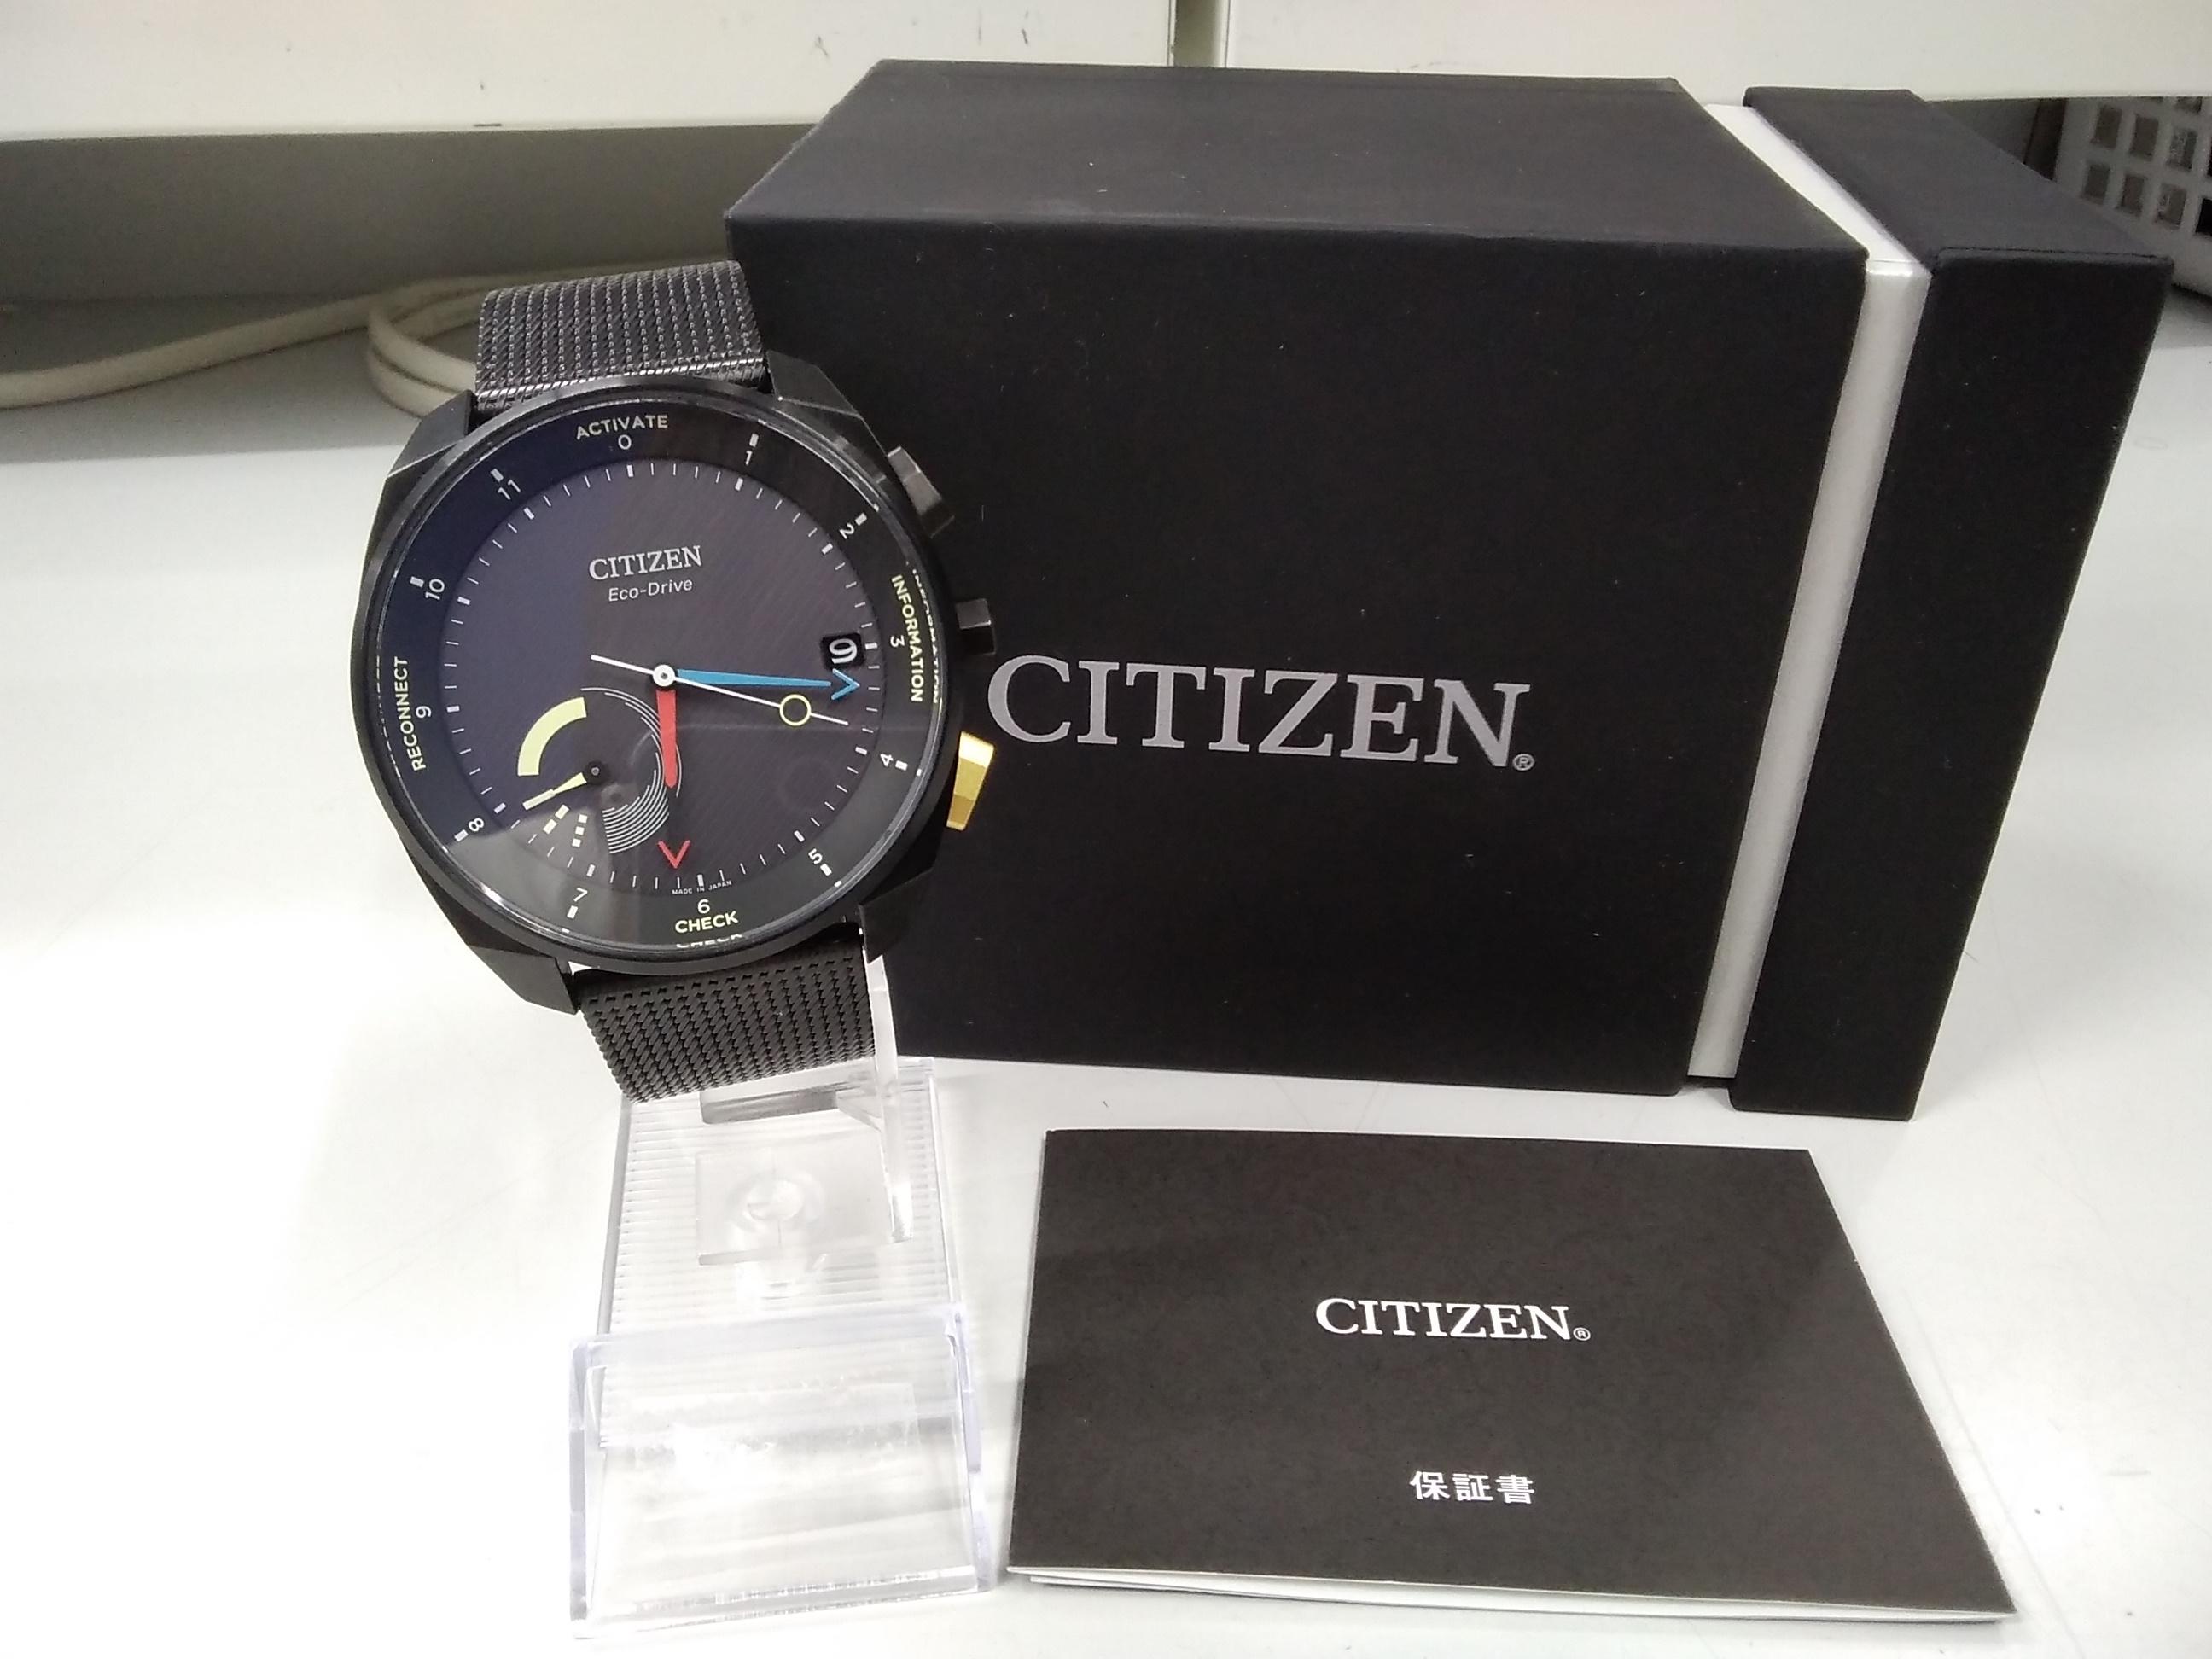 ソーラー腕時計 エコドライブ Bluetooth連携機能|CITIZEN